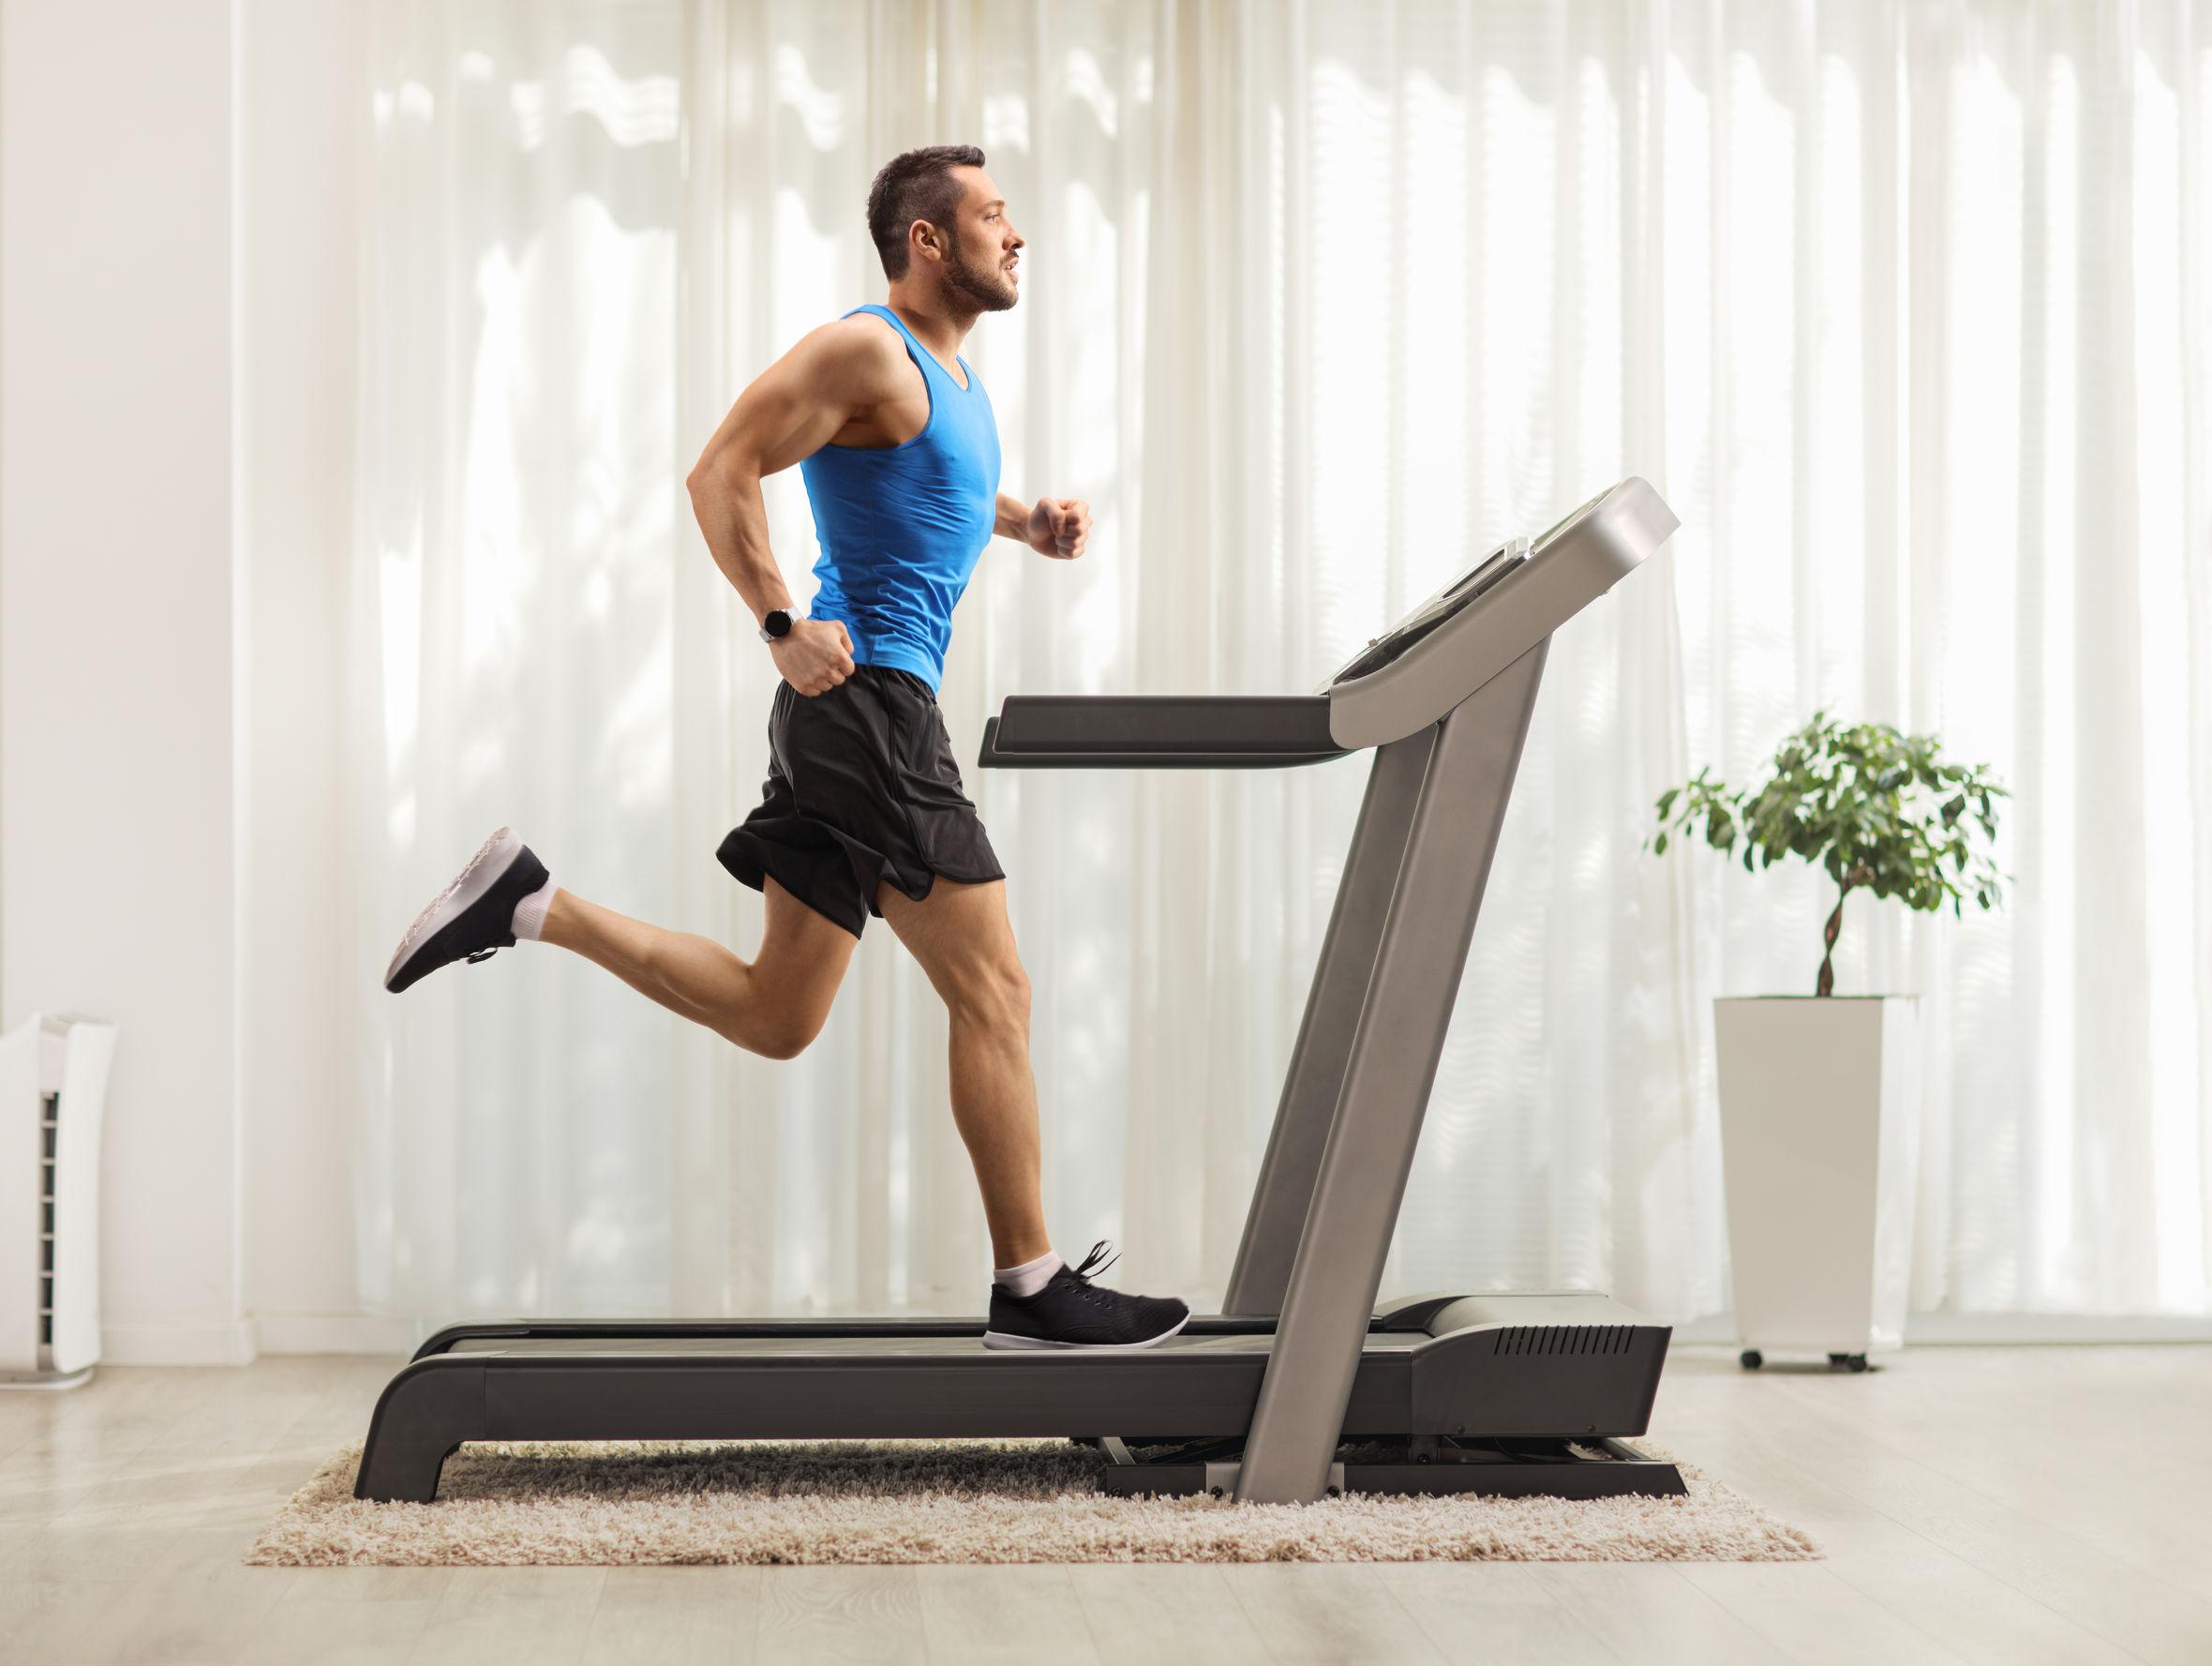 Perfil de joven corriendo en cinata de correr